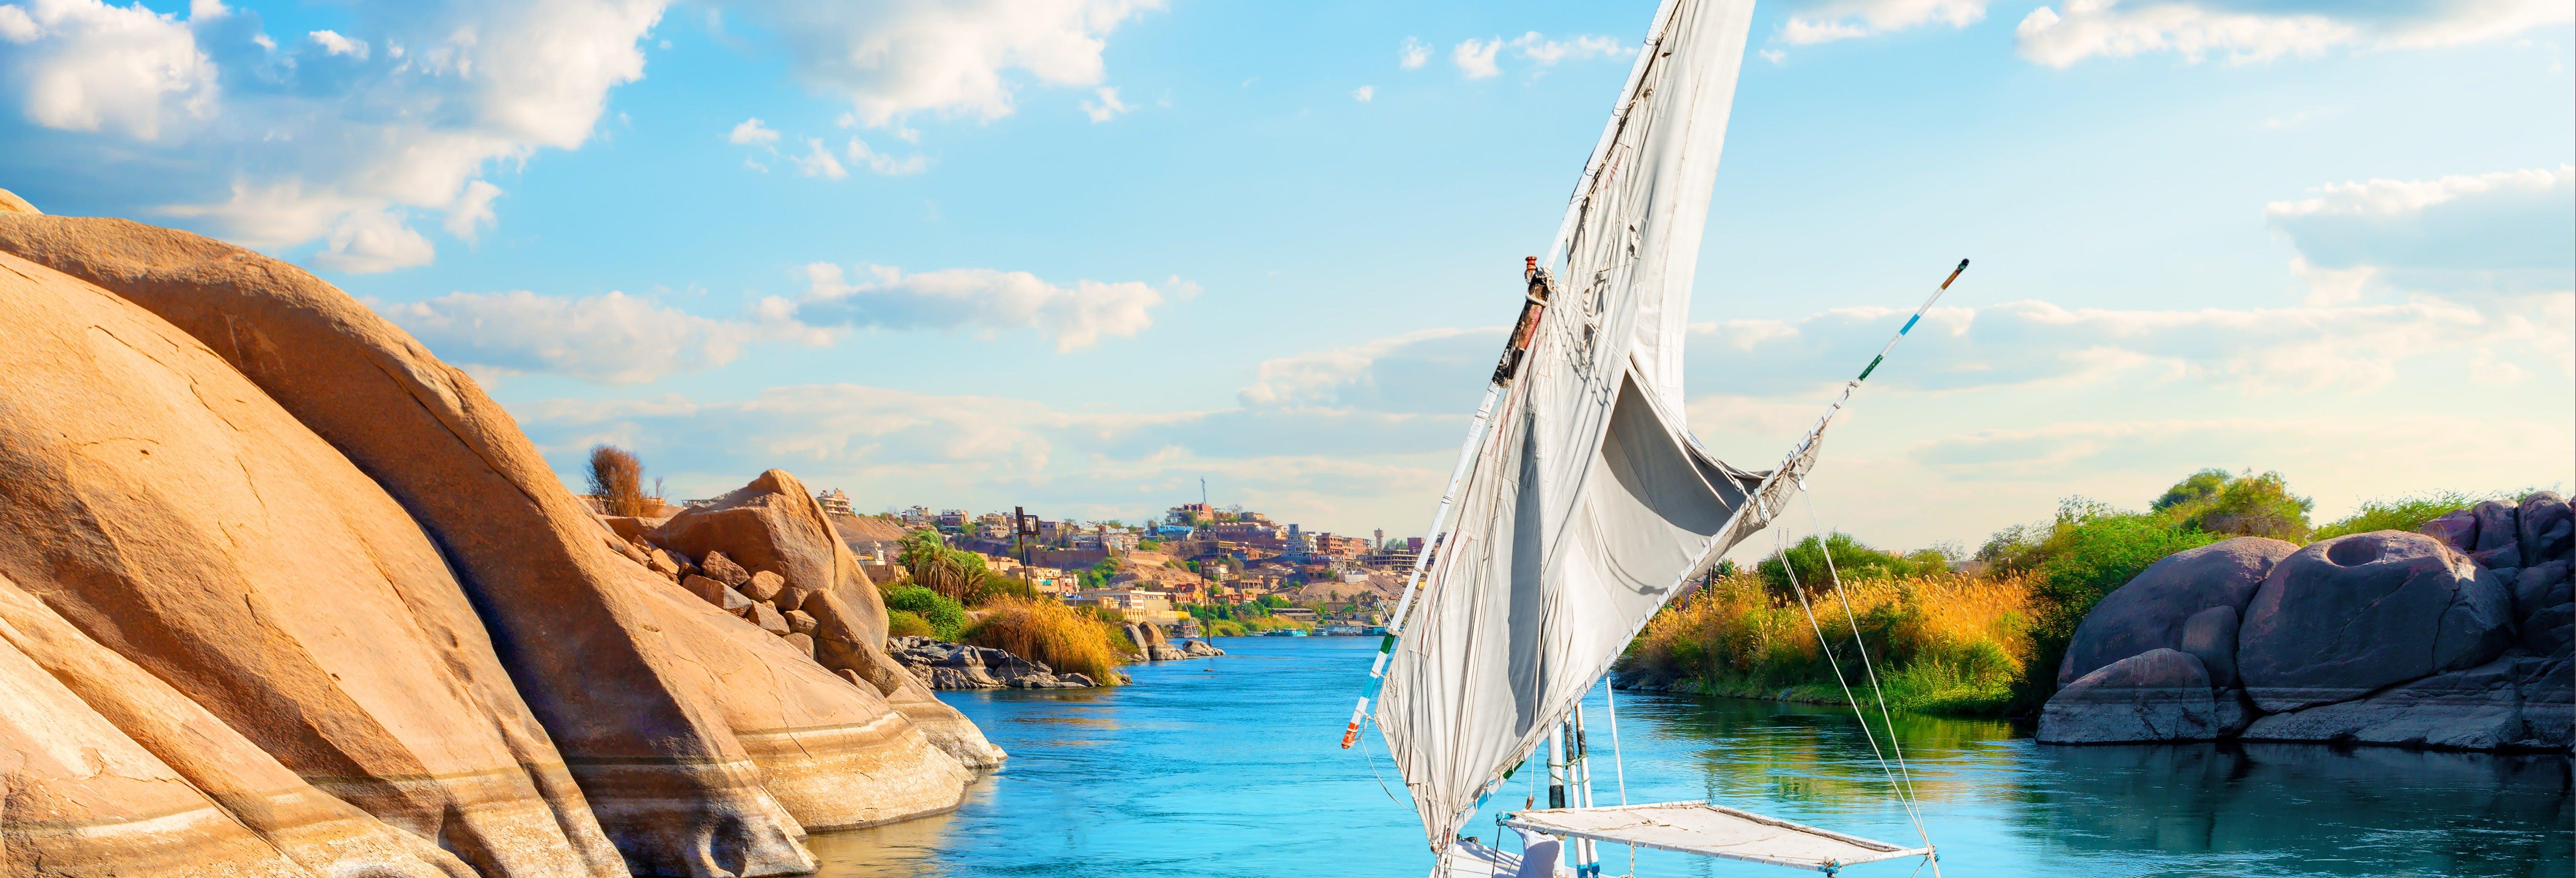 Escursione al villaggio nubiano in barca